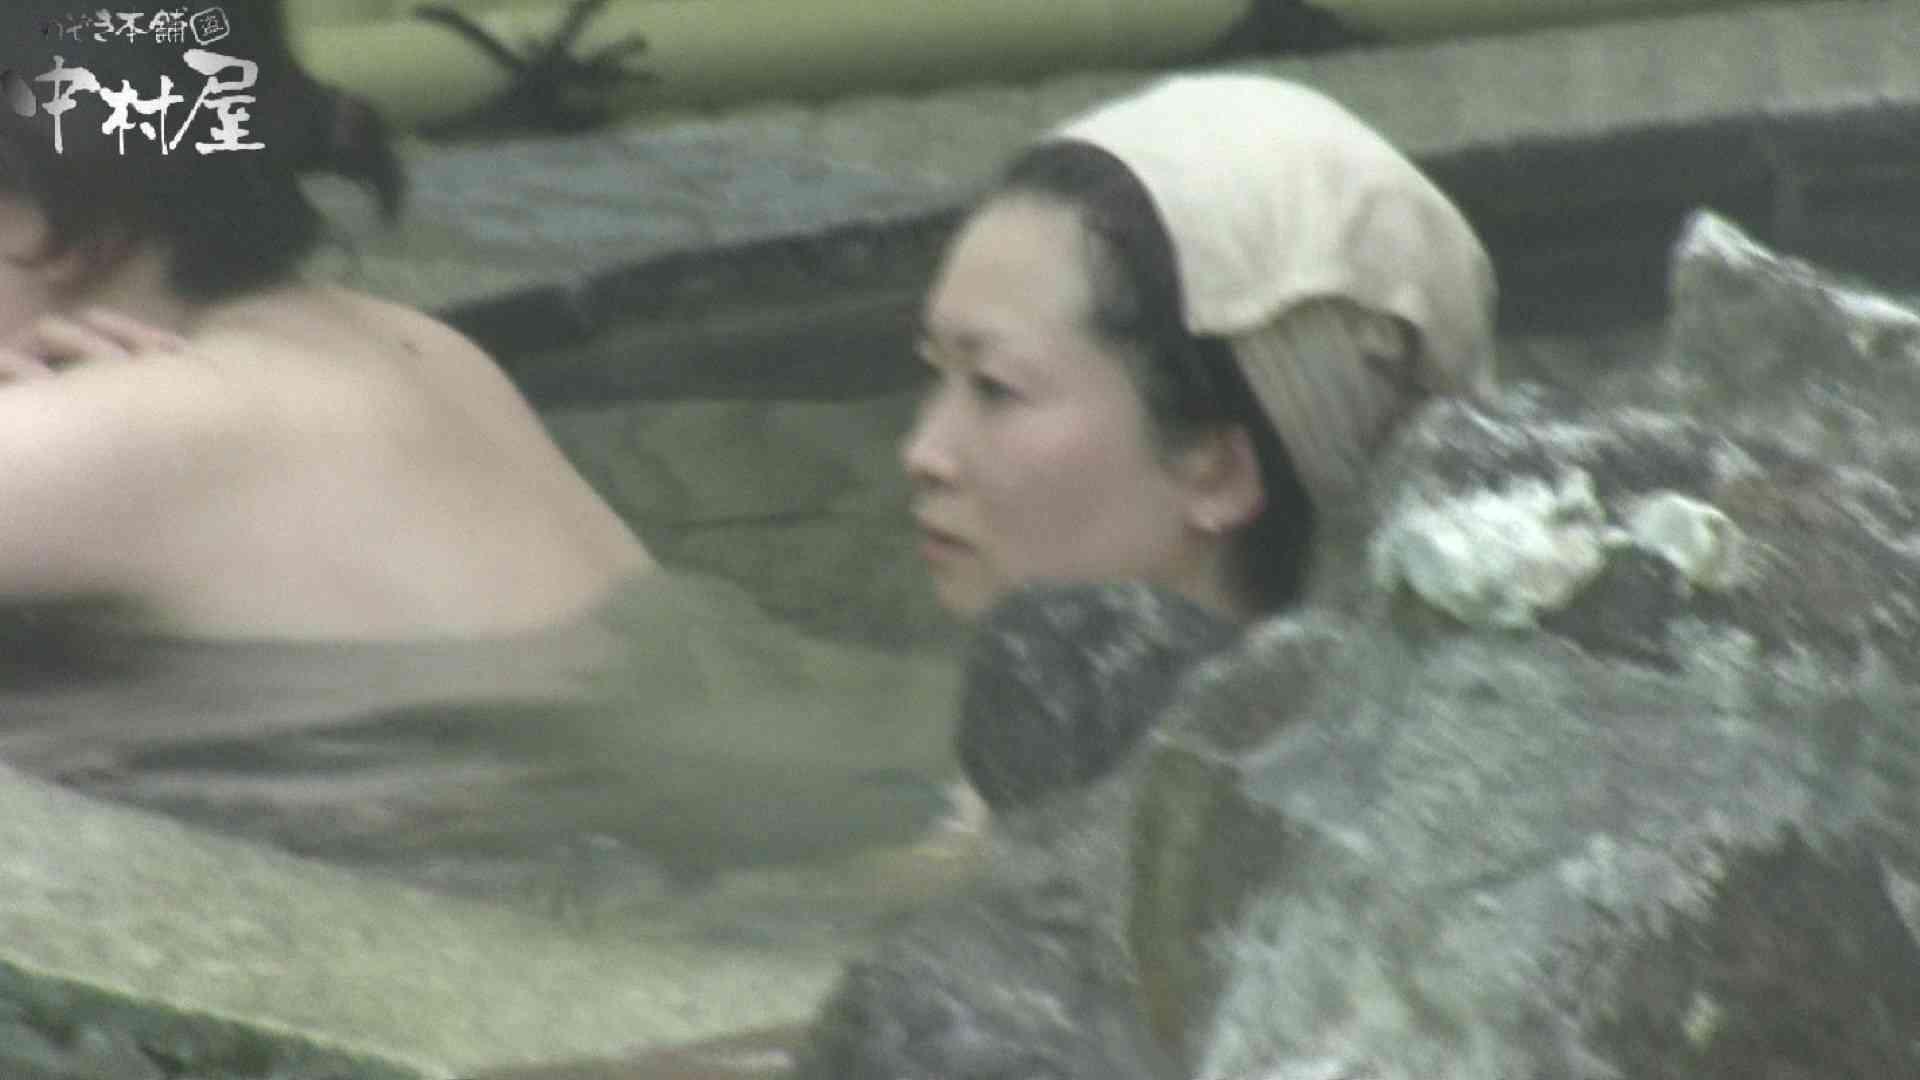 Aquaな露天風呂Vol.906 盗撮大放出  88連発 76